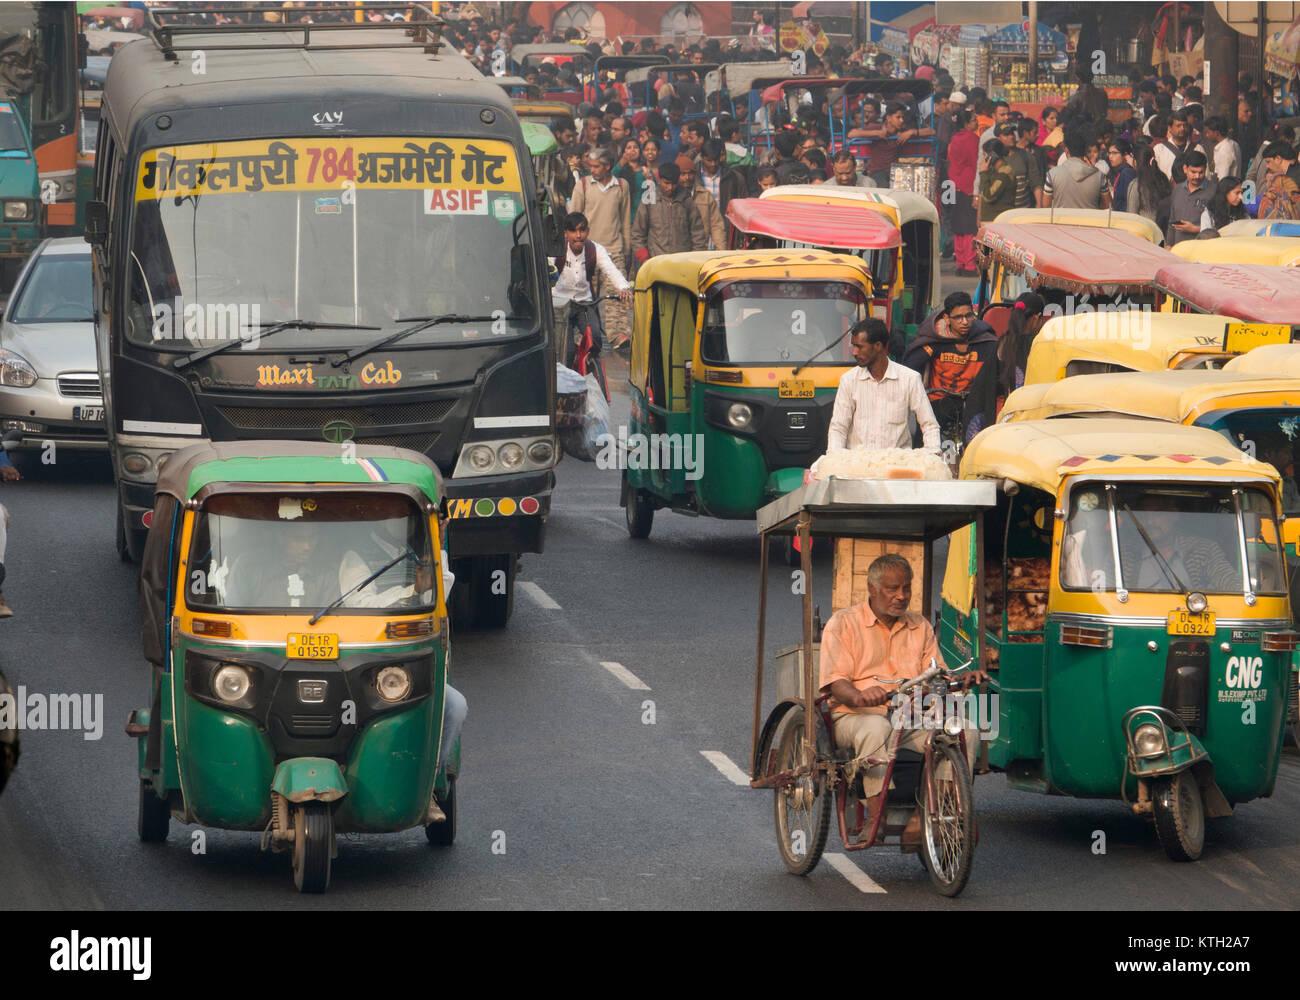 Busy traffic street scene in New Delhi, India - Stock Image